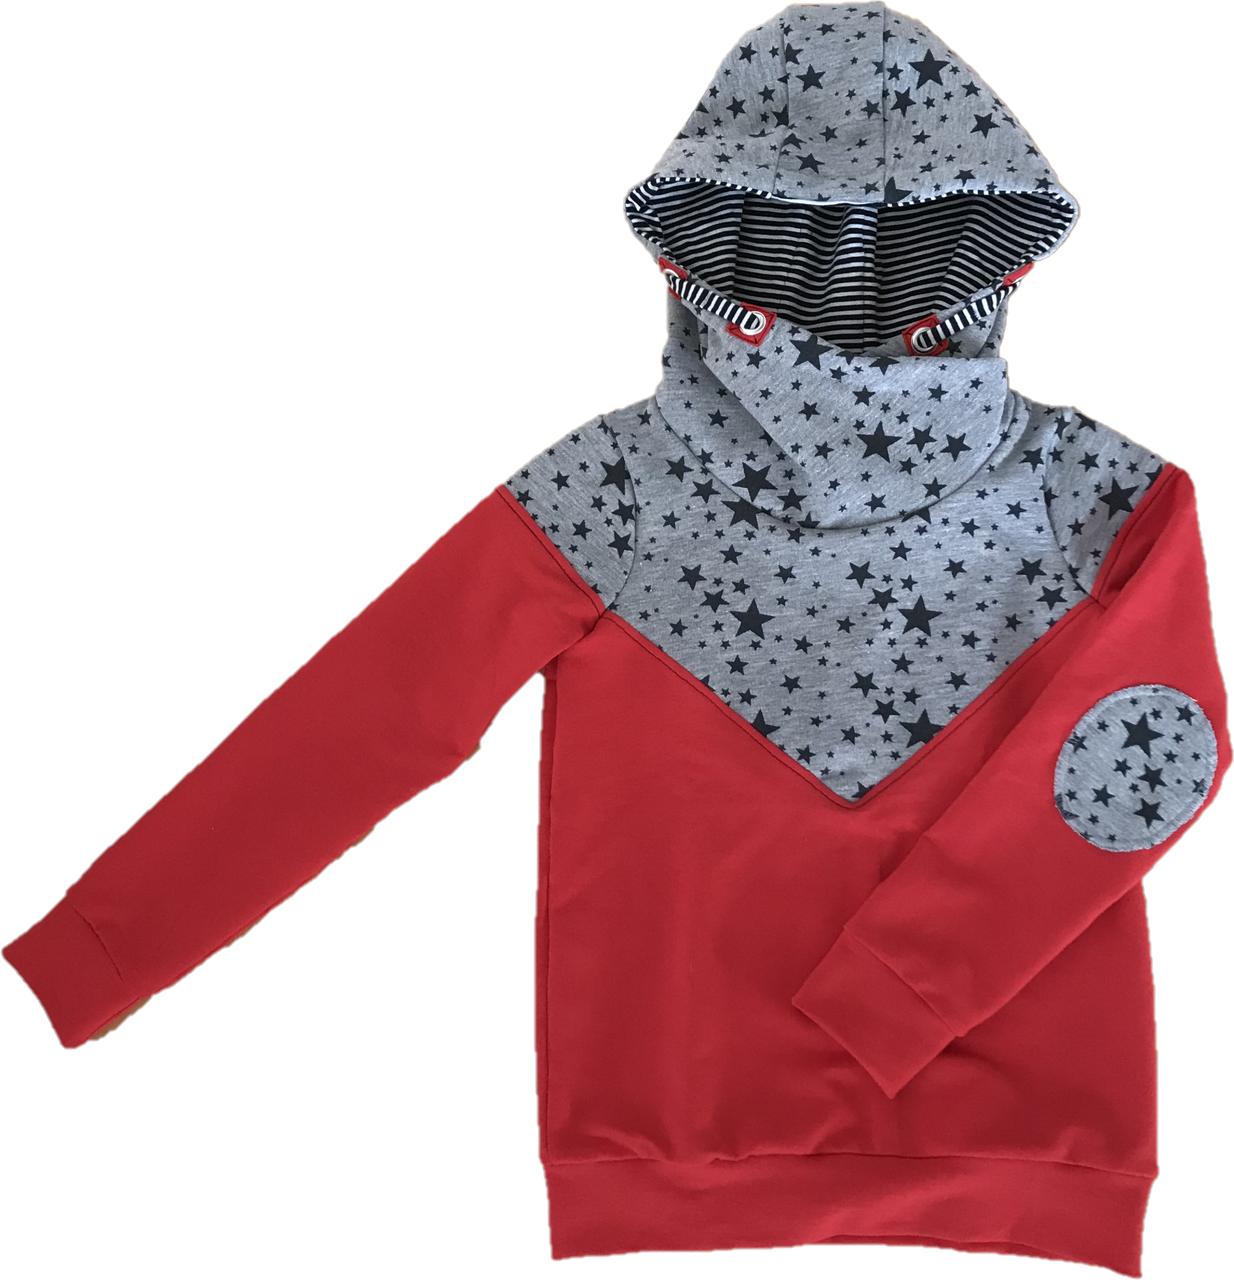 Sweatshirts & Hoodies VICSCHO, Schönes für die Kleinen und